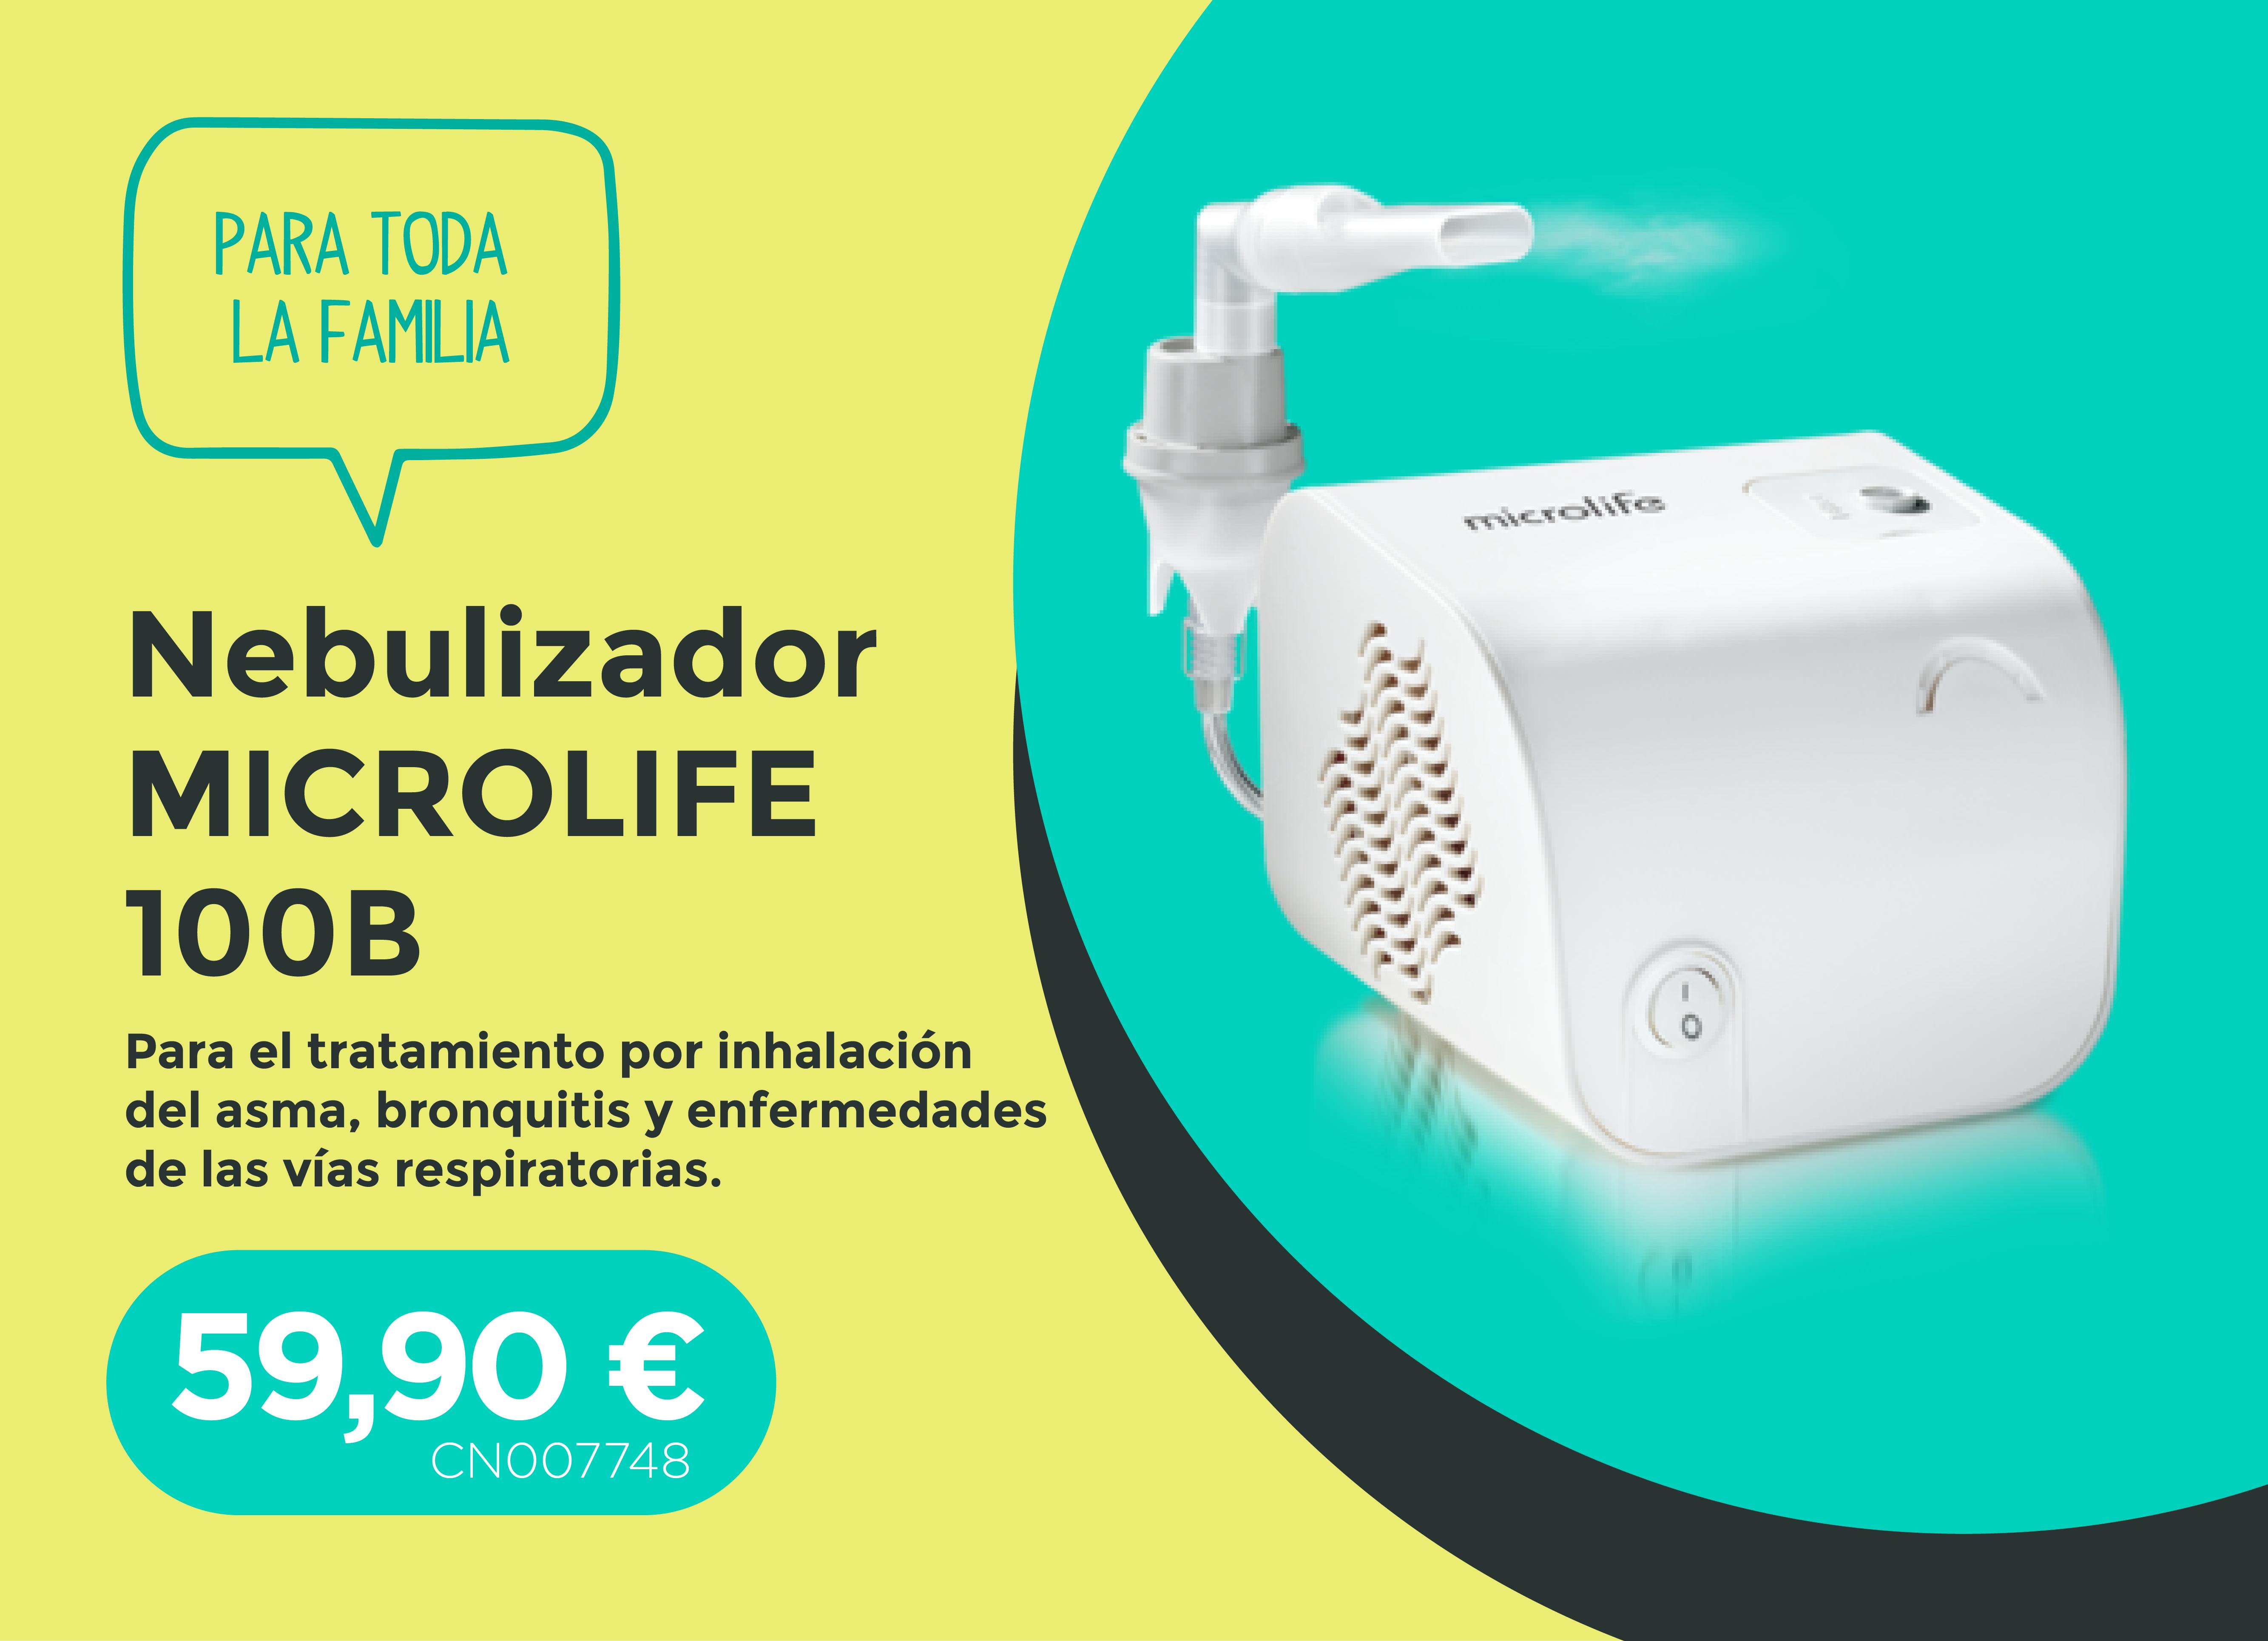 Nebulizador Microlife 100B